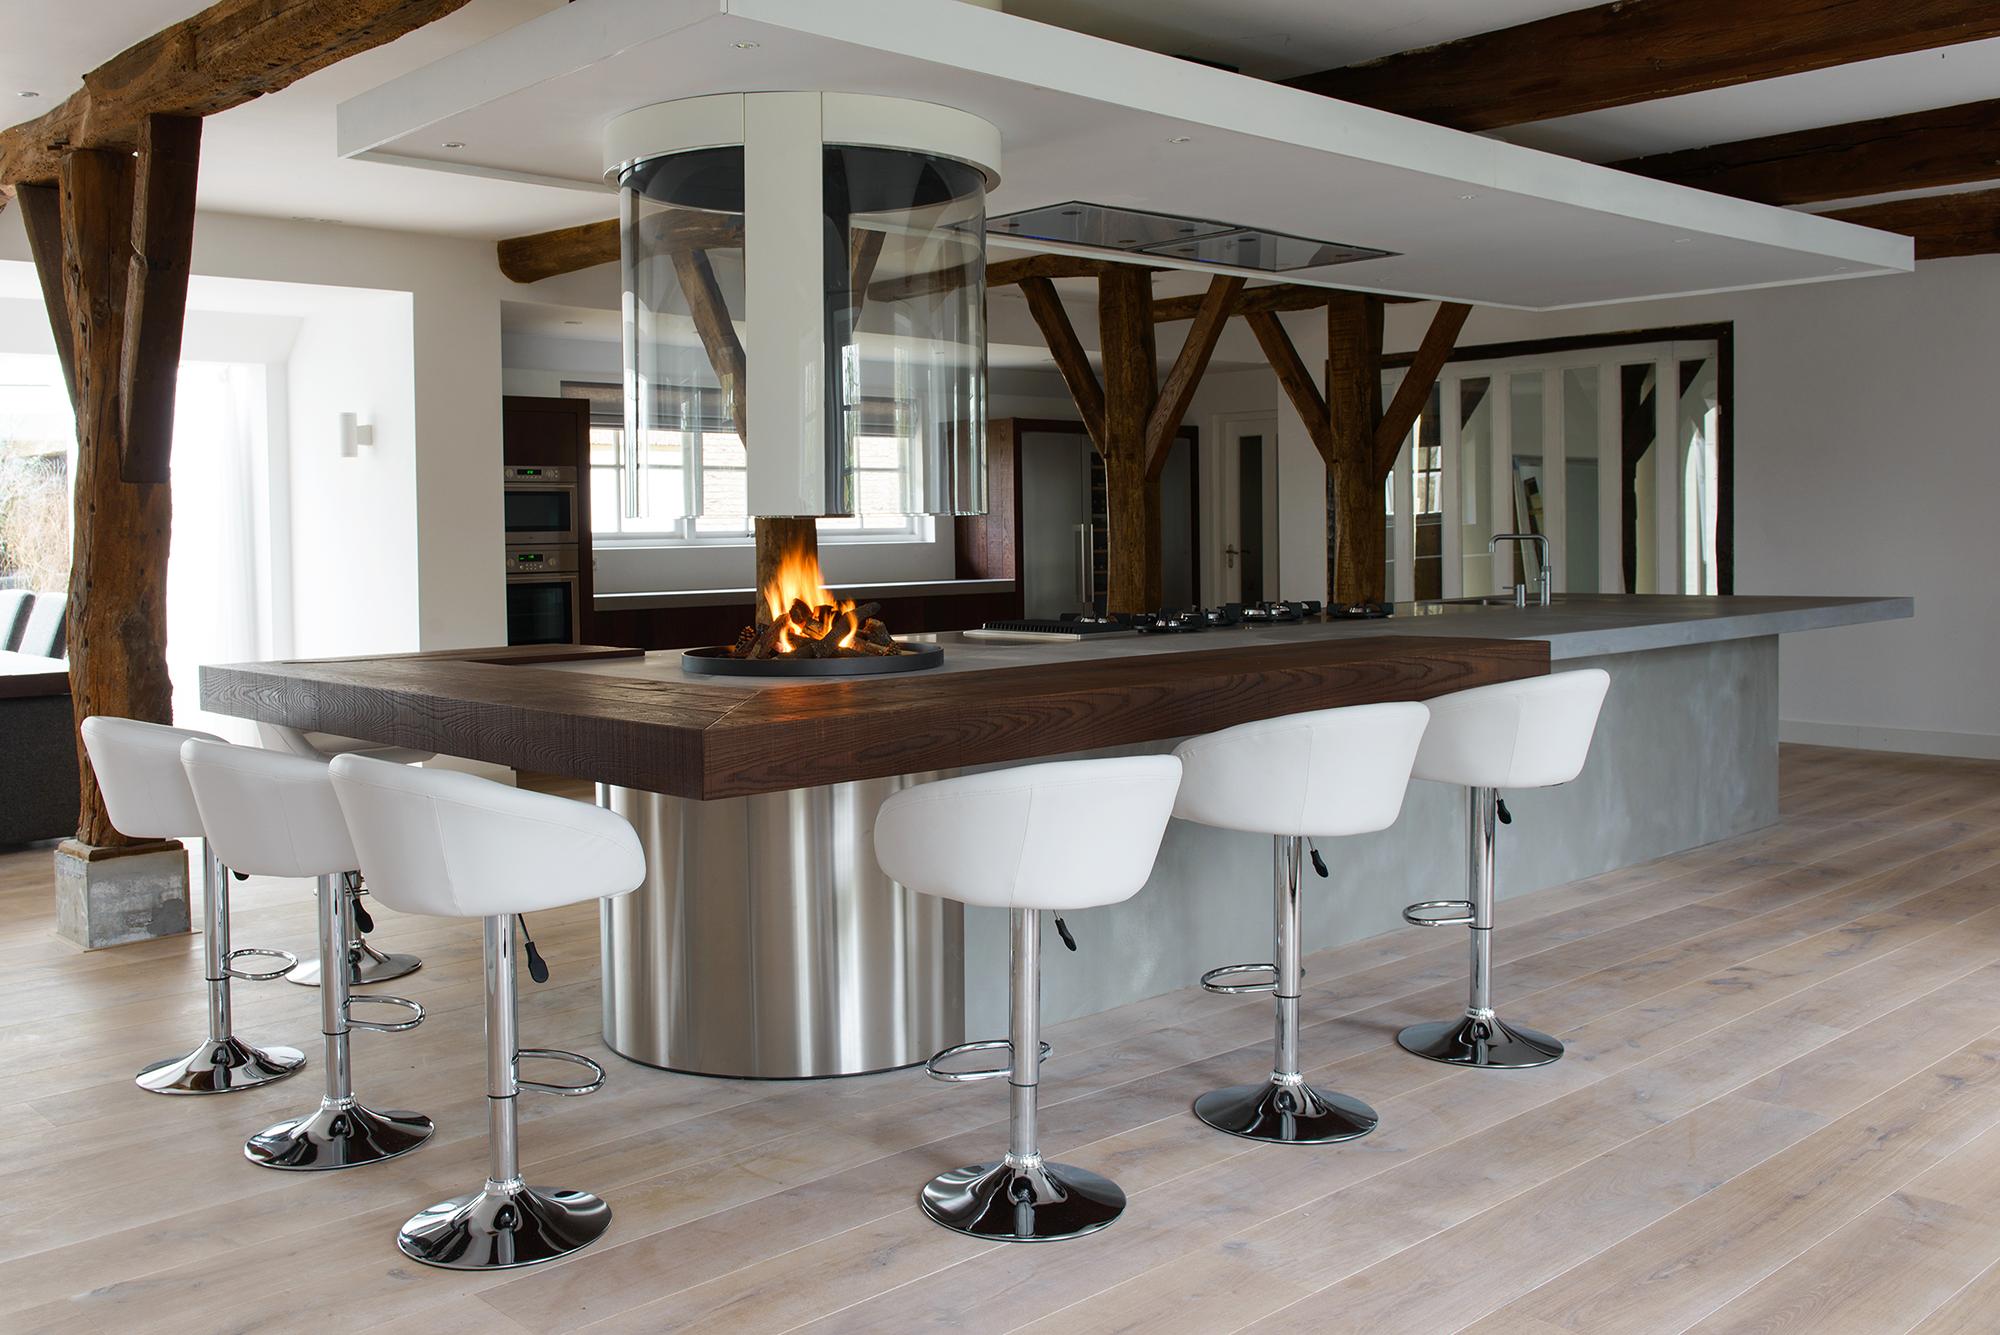 Bar in keuken woonkamer - THOMAS GASPERSZ